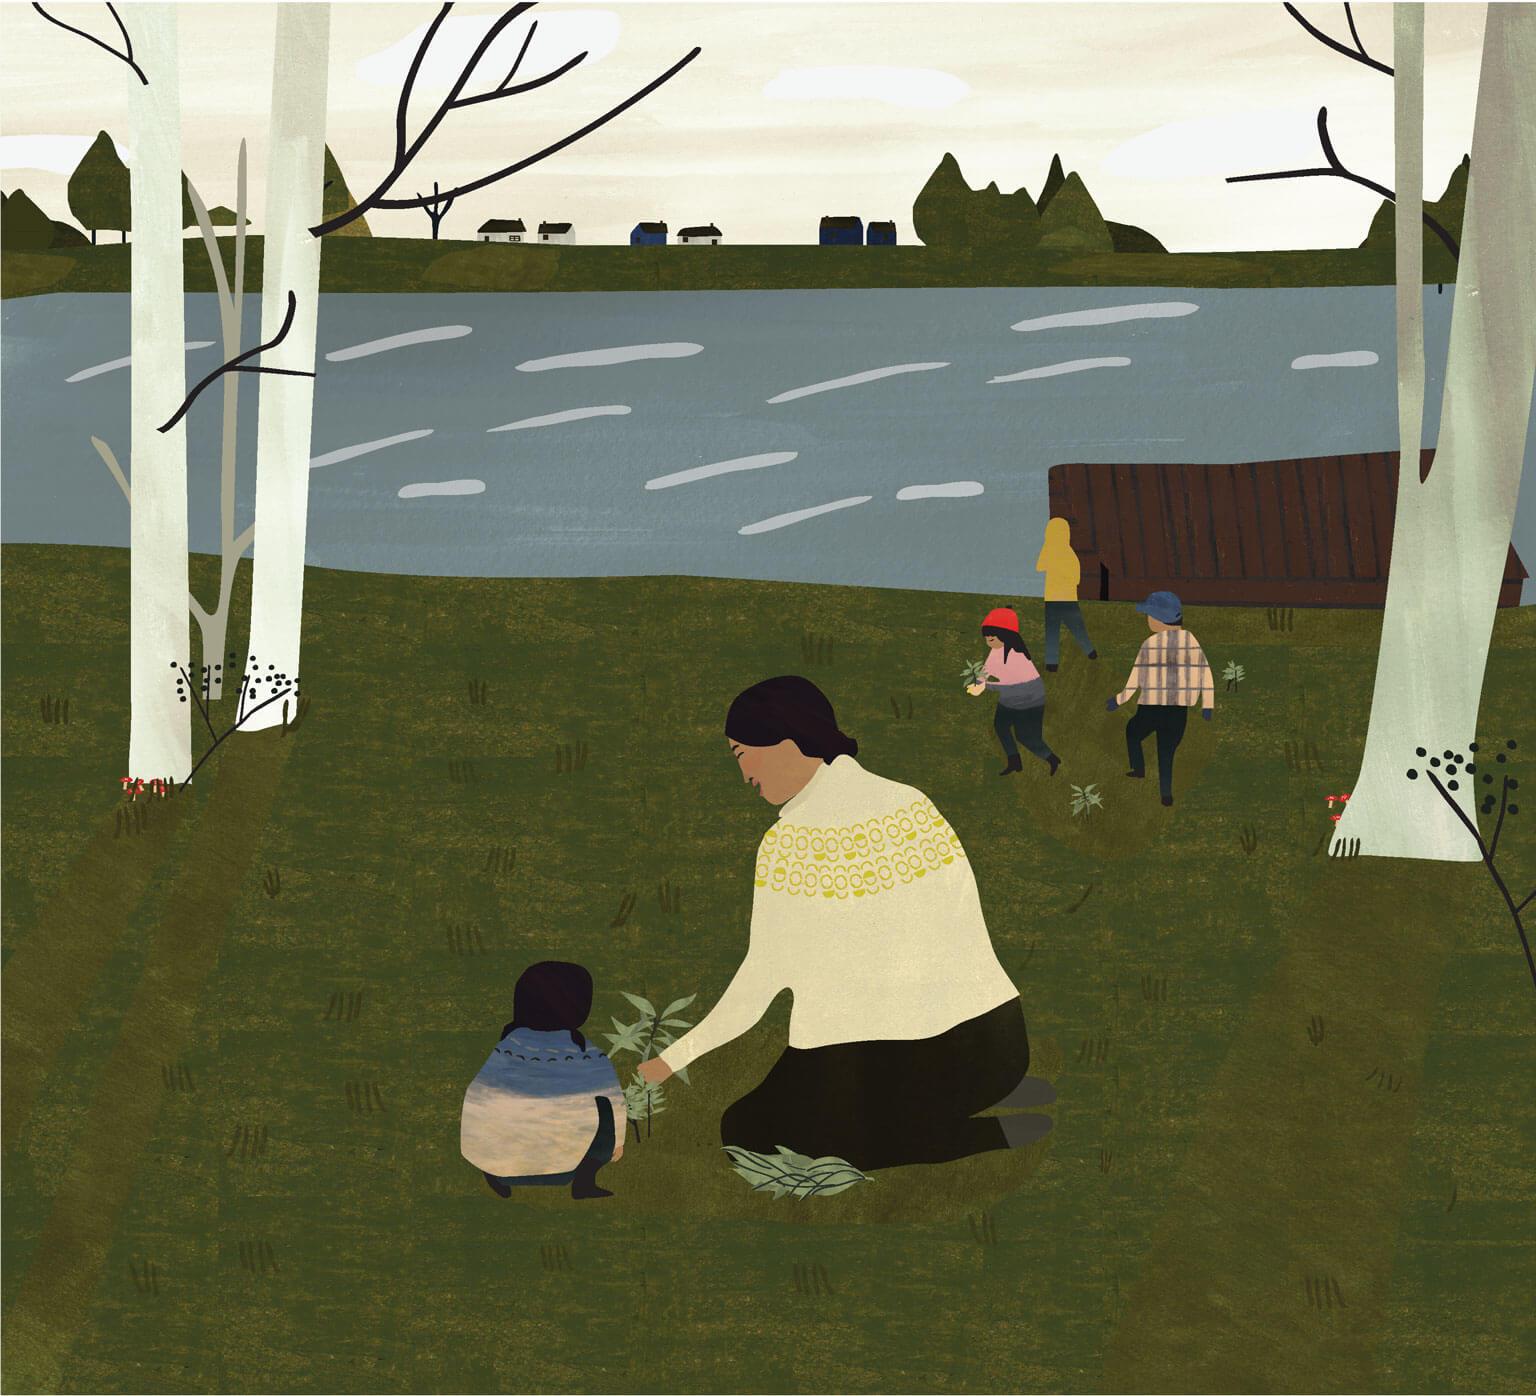 Illustration by Julie Flett